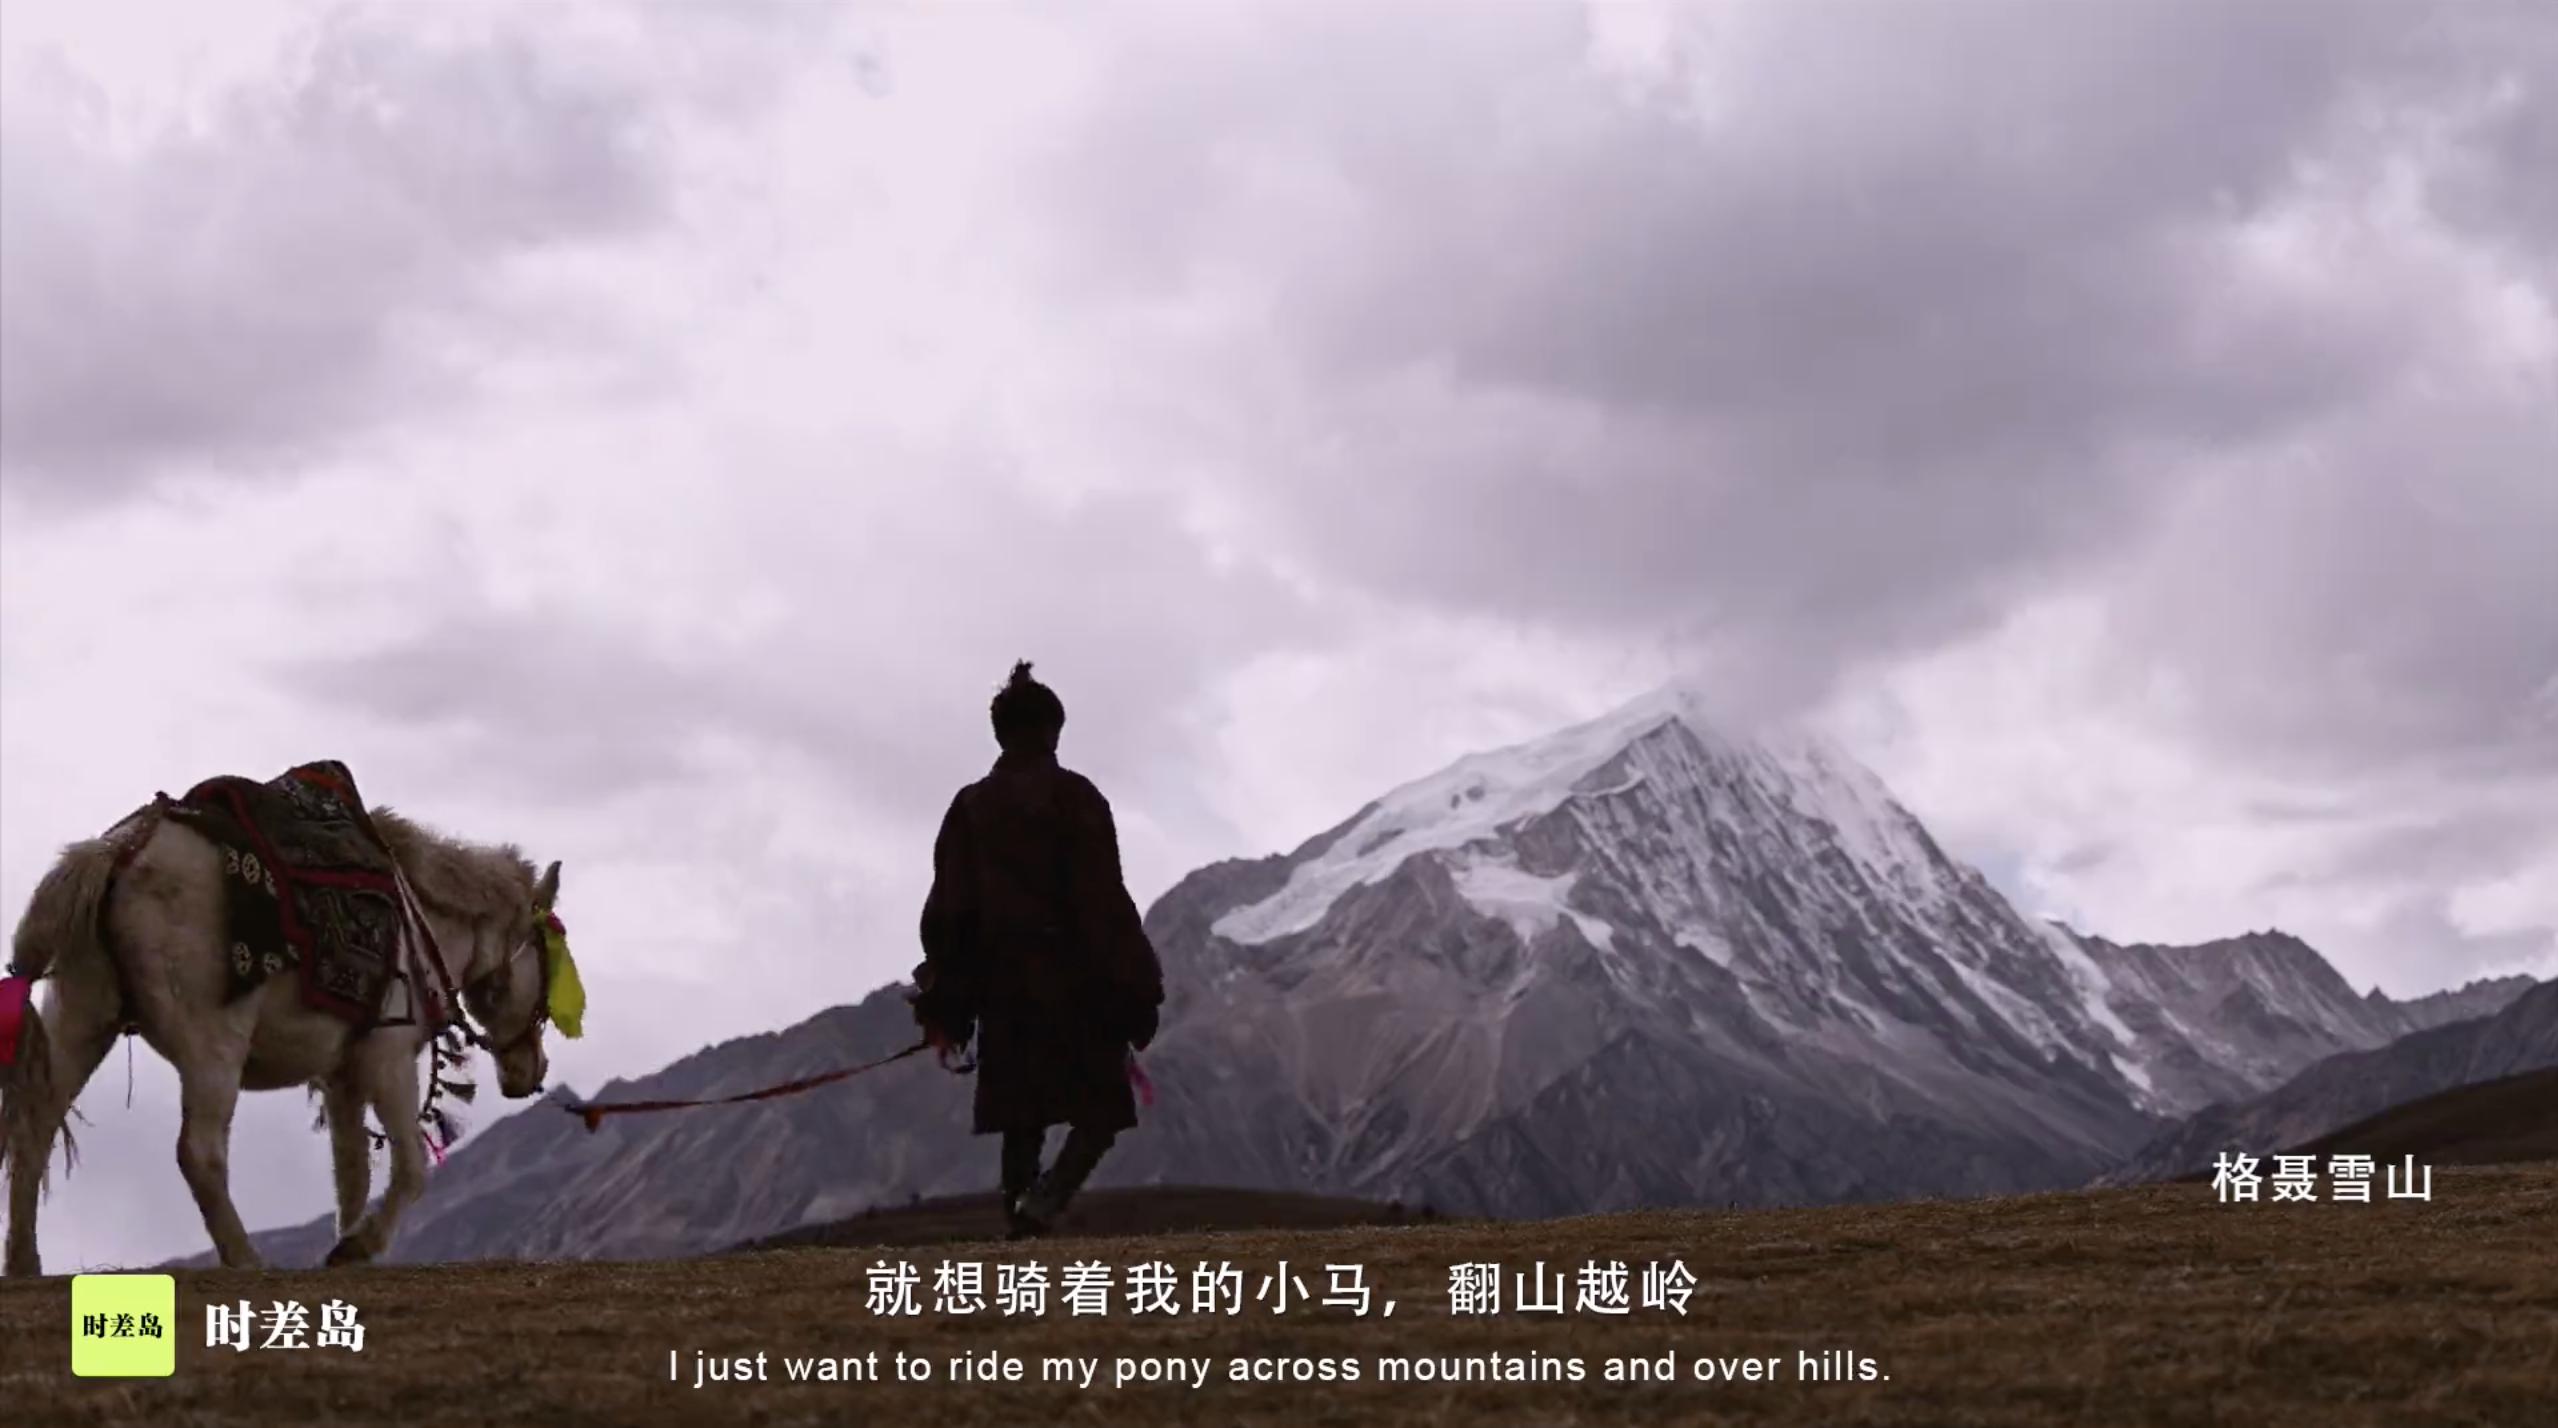 心疼四川!赛马王子丁真拍家乡宣传片,居然引发对藏区最大误解?